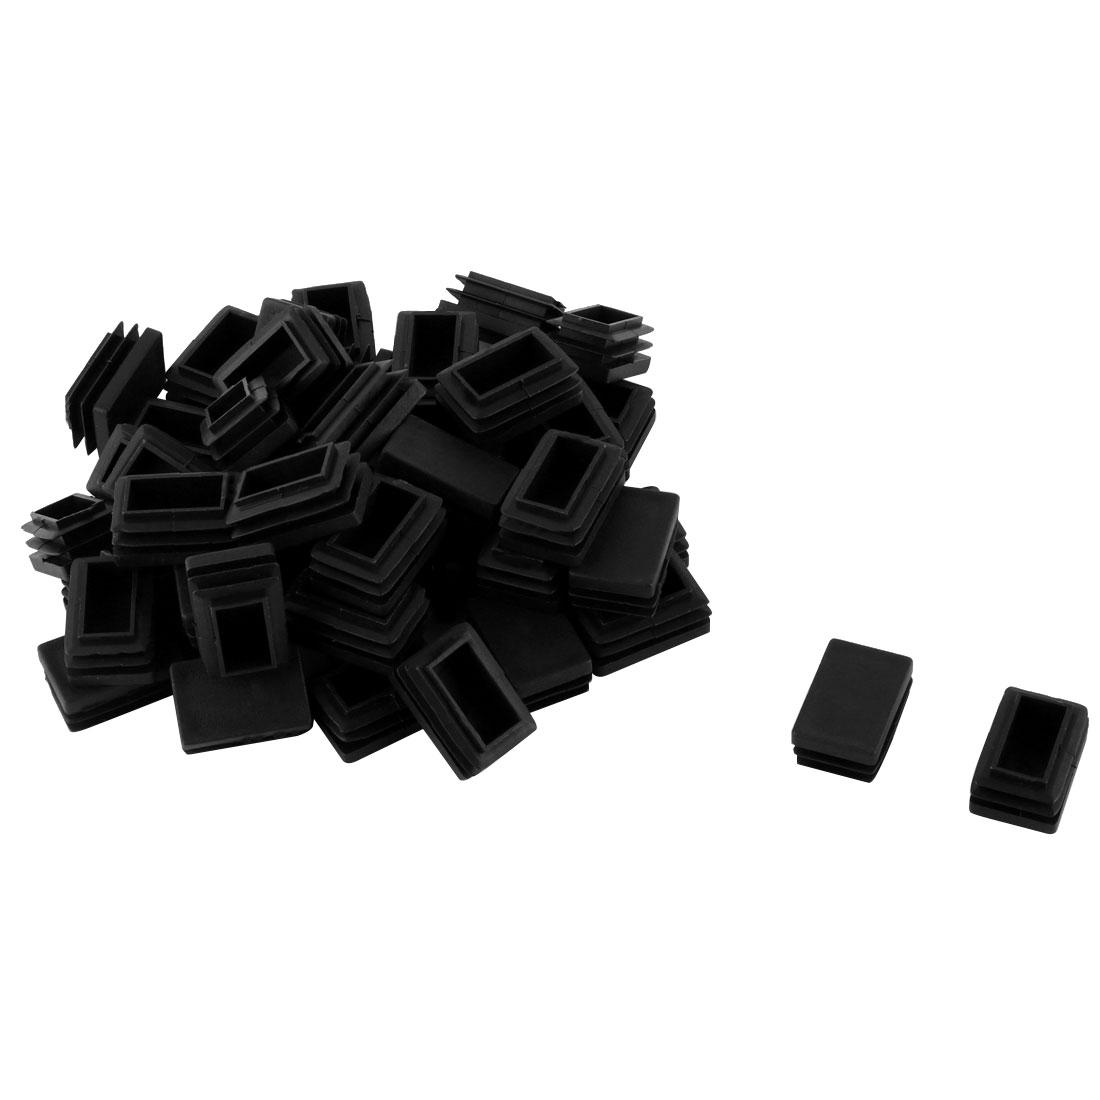 Household Plastic Rectangular Shaped Table Chair Leg Feet Tube Cap Insert Black 3 x 2cm 50 PCS